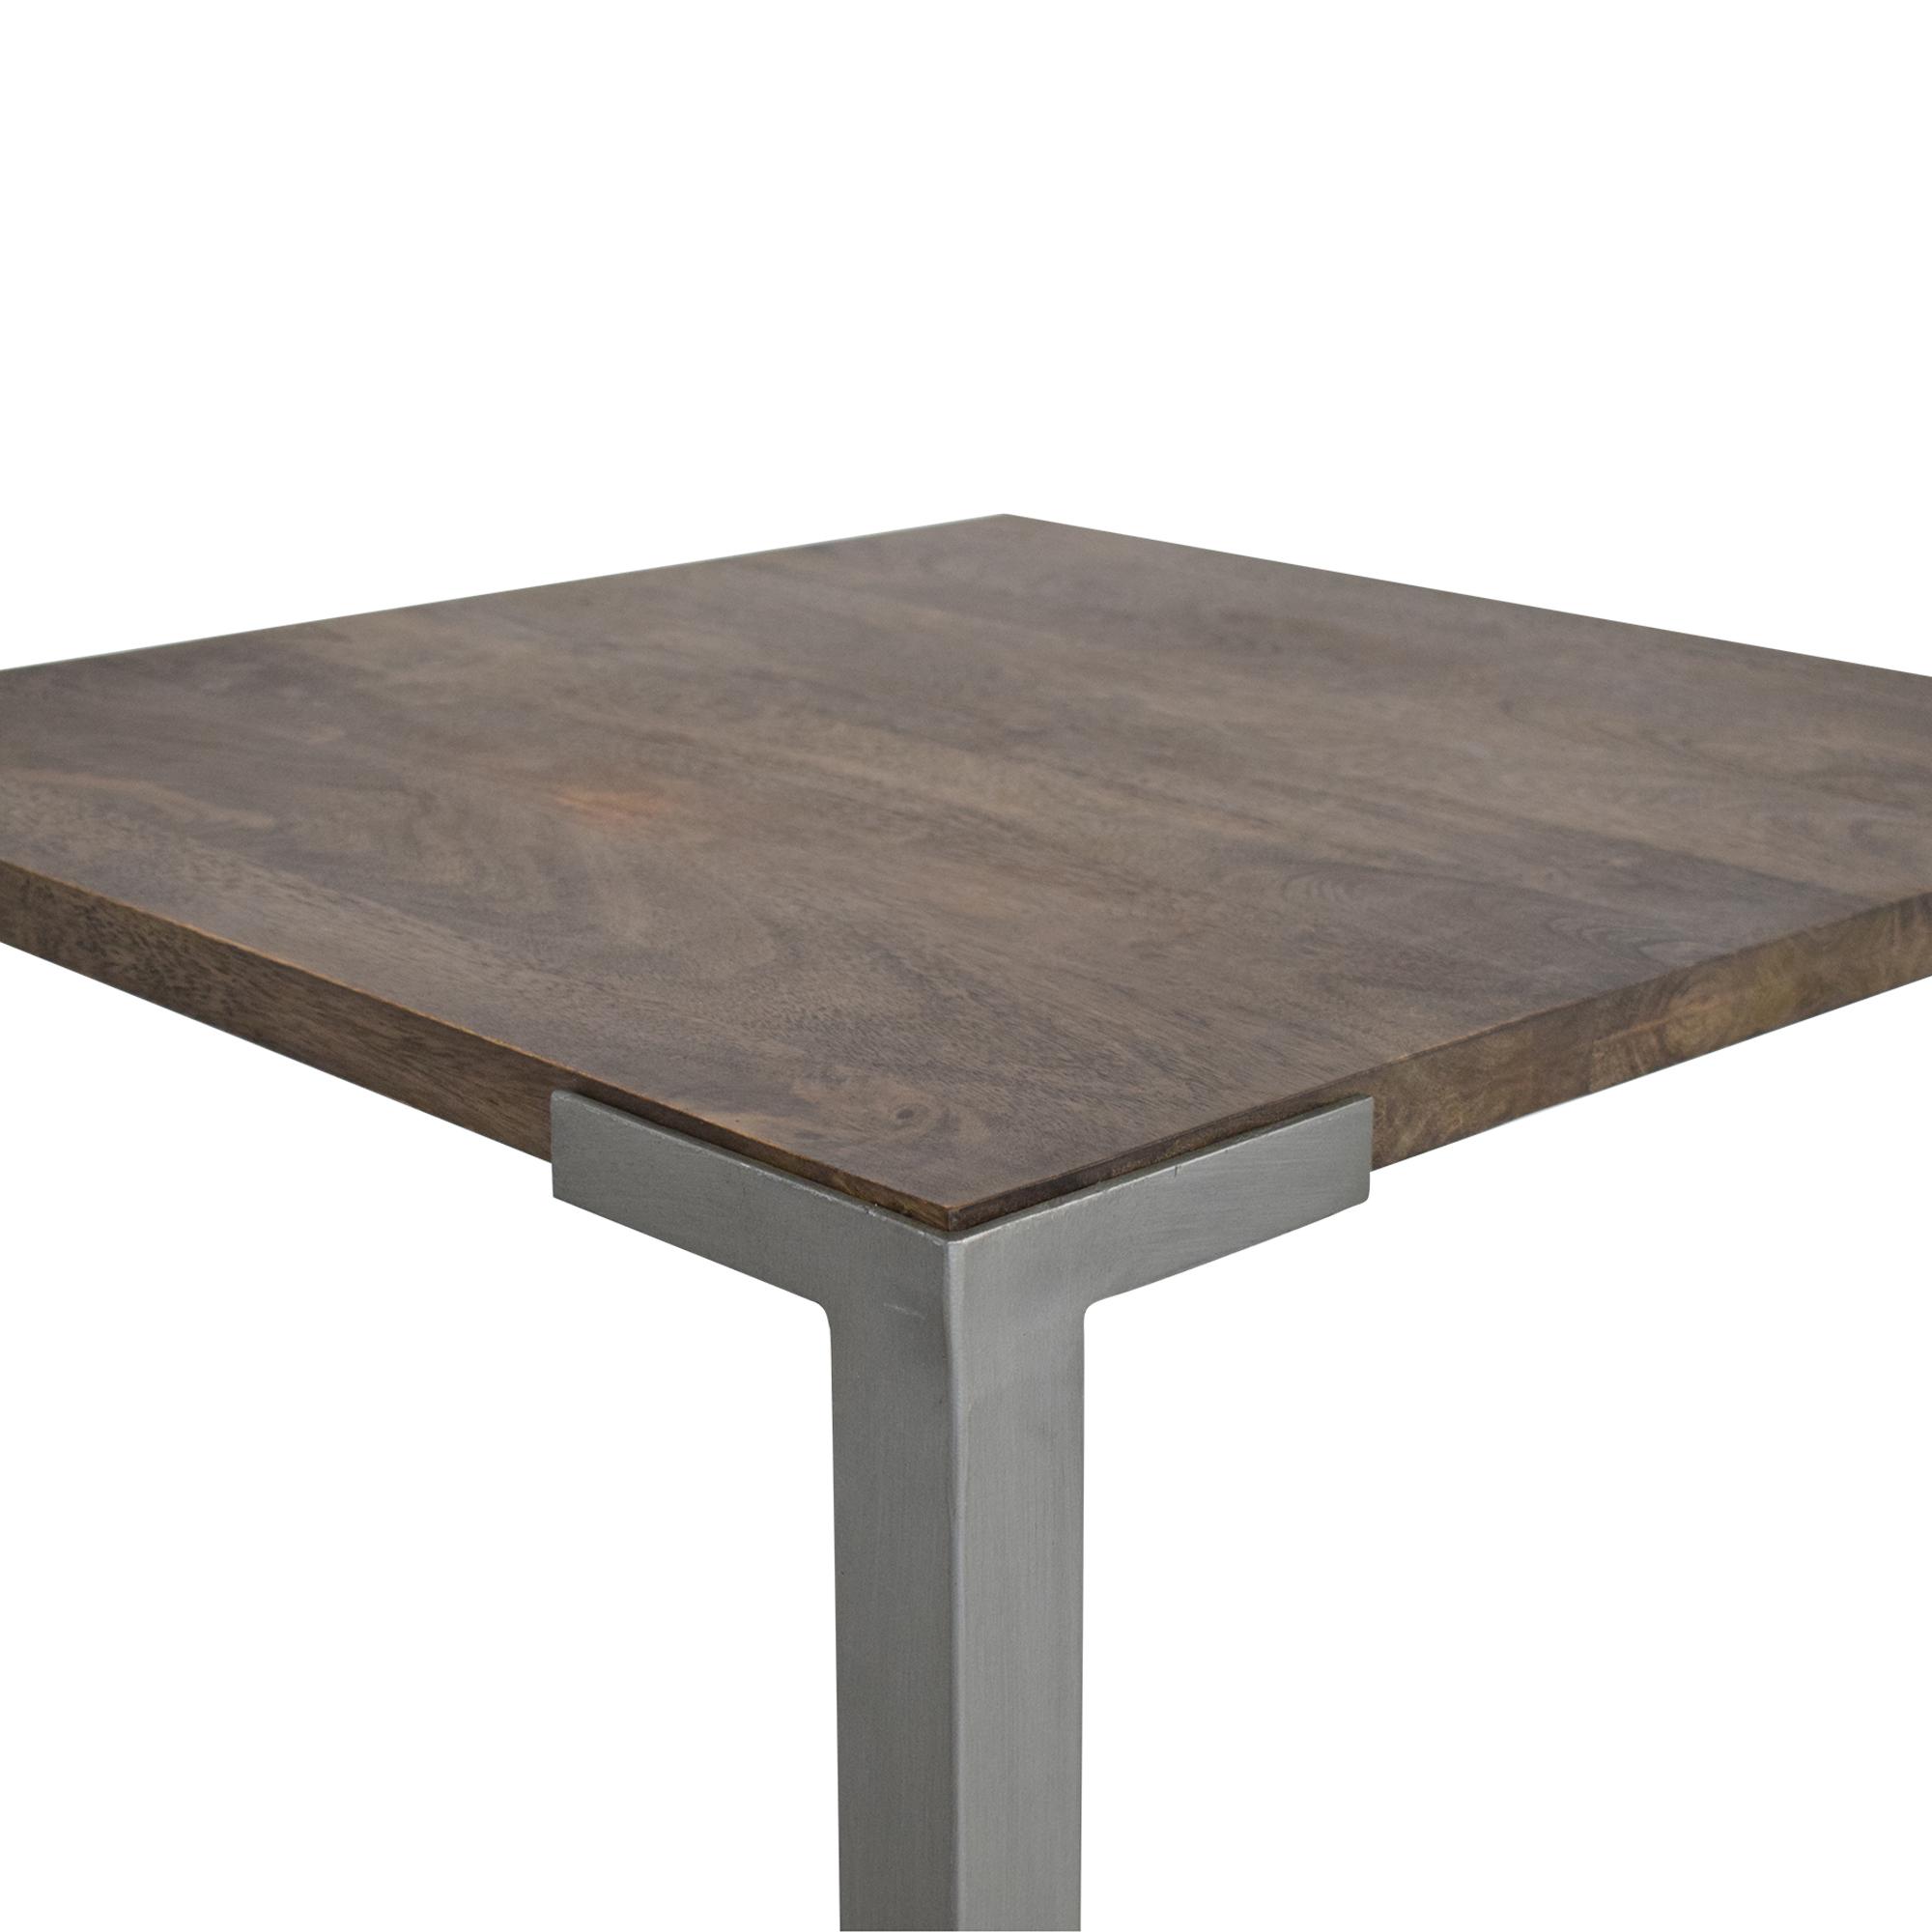 CB2 Stilt Dining Table CB2